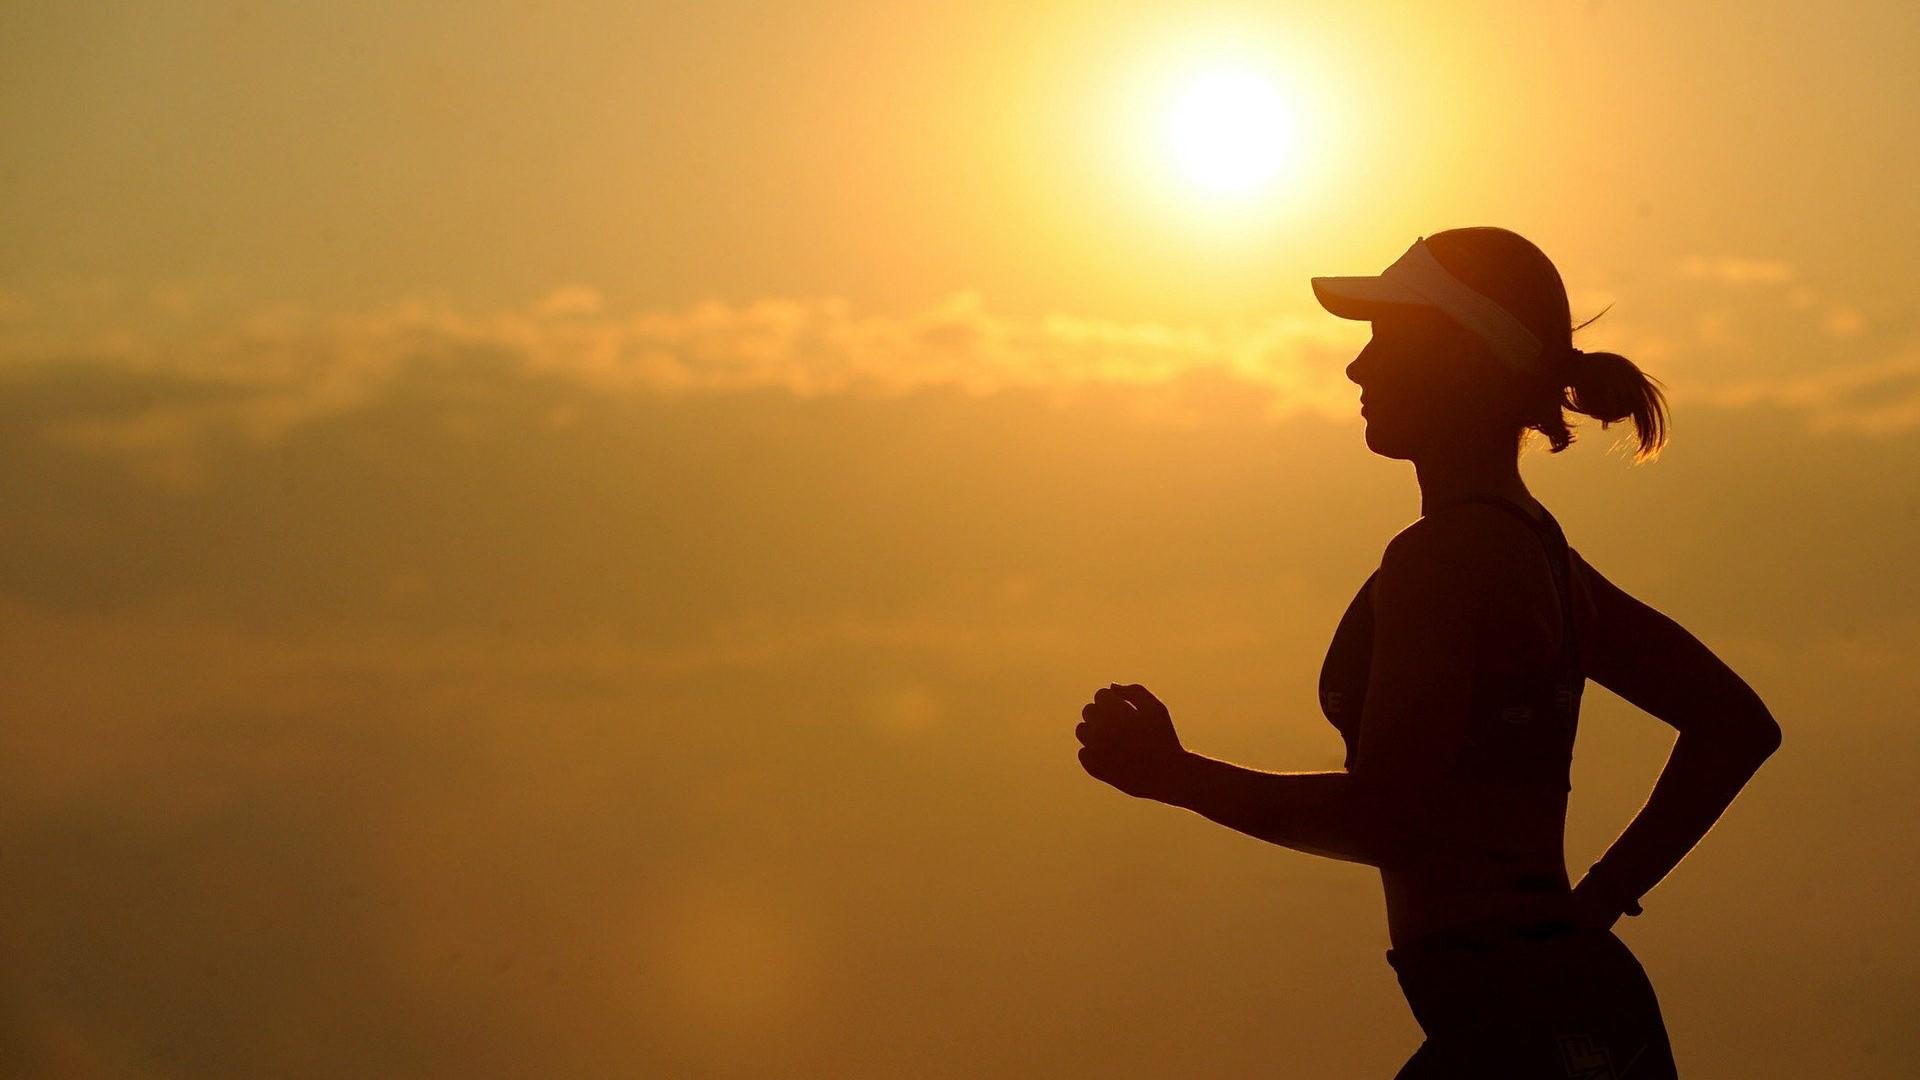 仕事運・金運・健康運の運気アップにつながる幸せ資格22選